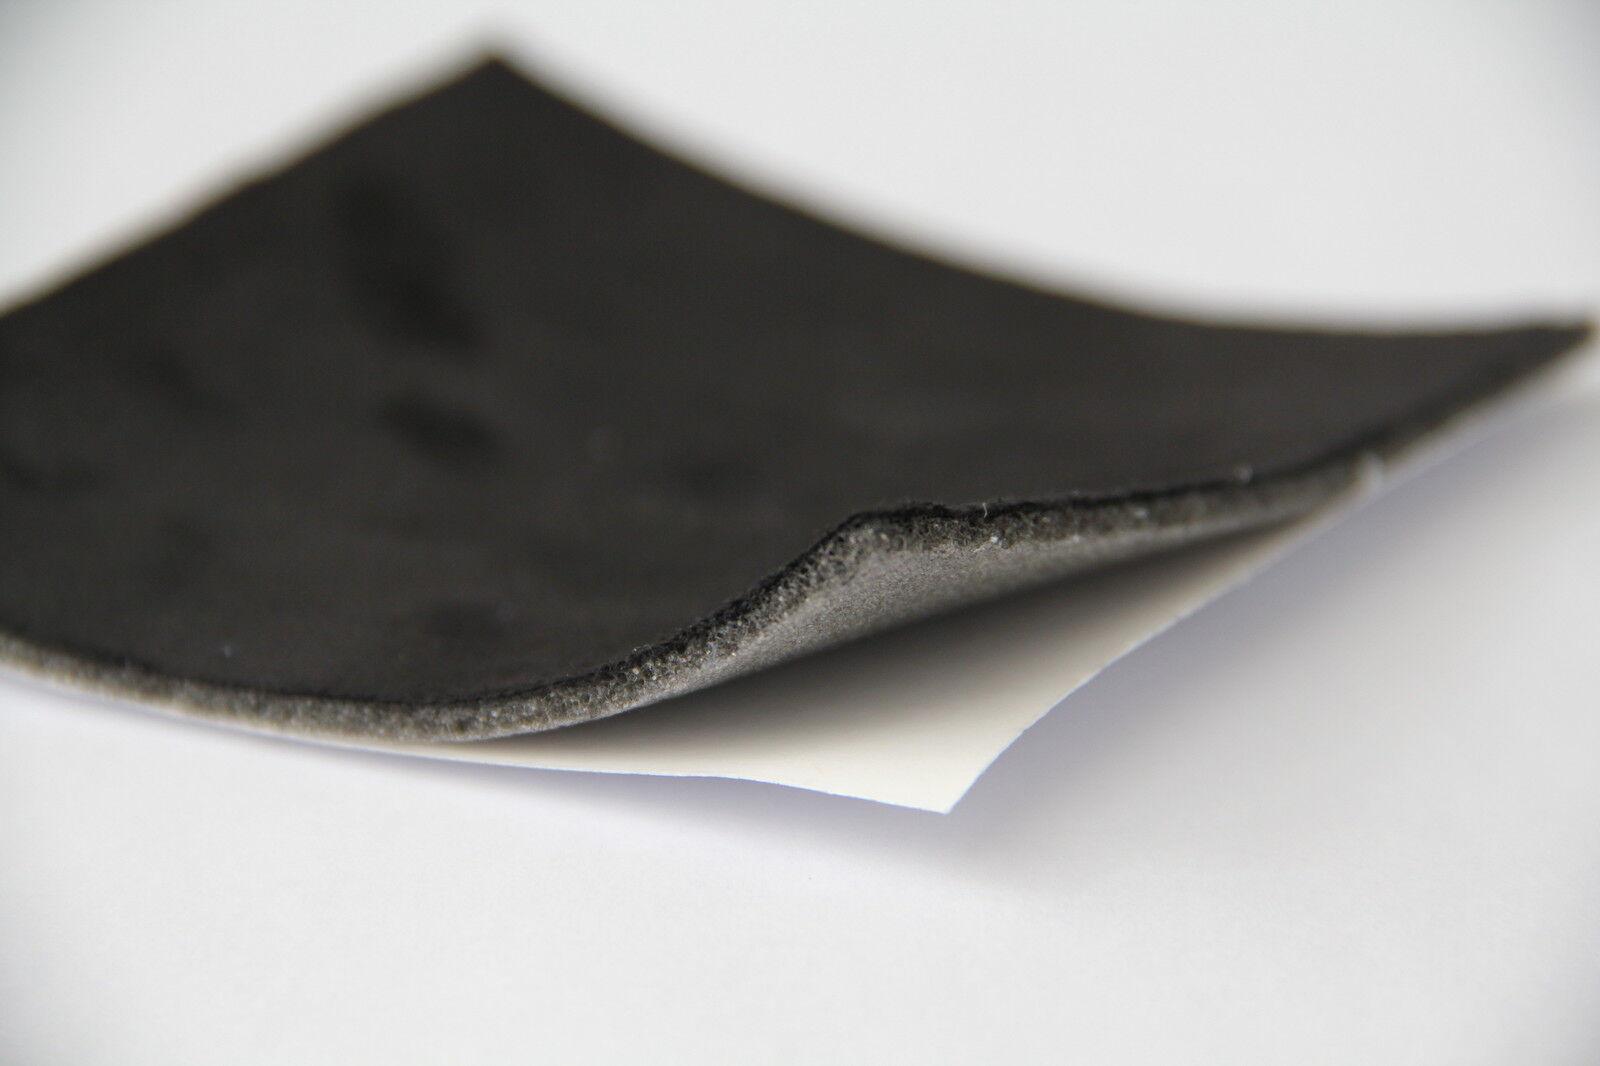 alcantara dachhimmel stoff mit oder ohne kaschierung selbstklebend 20 farben eur 29 90. Black Bedroom Furniture Sets. Home Design Ideas